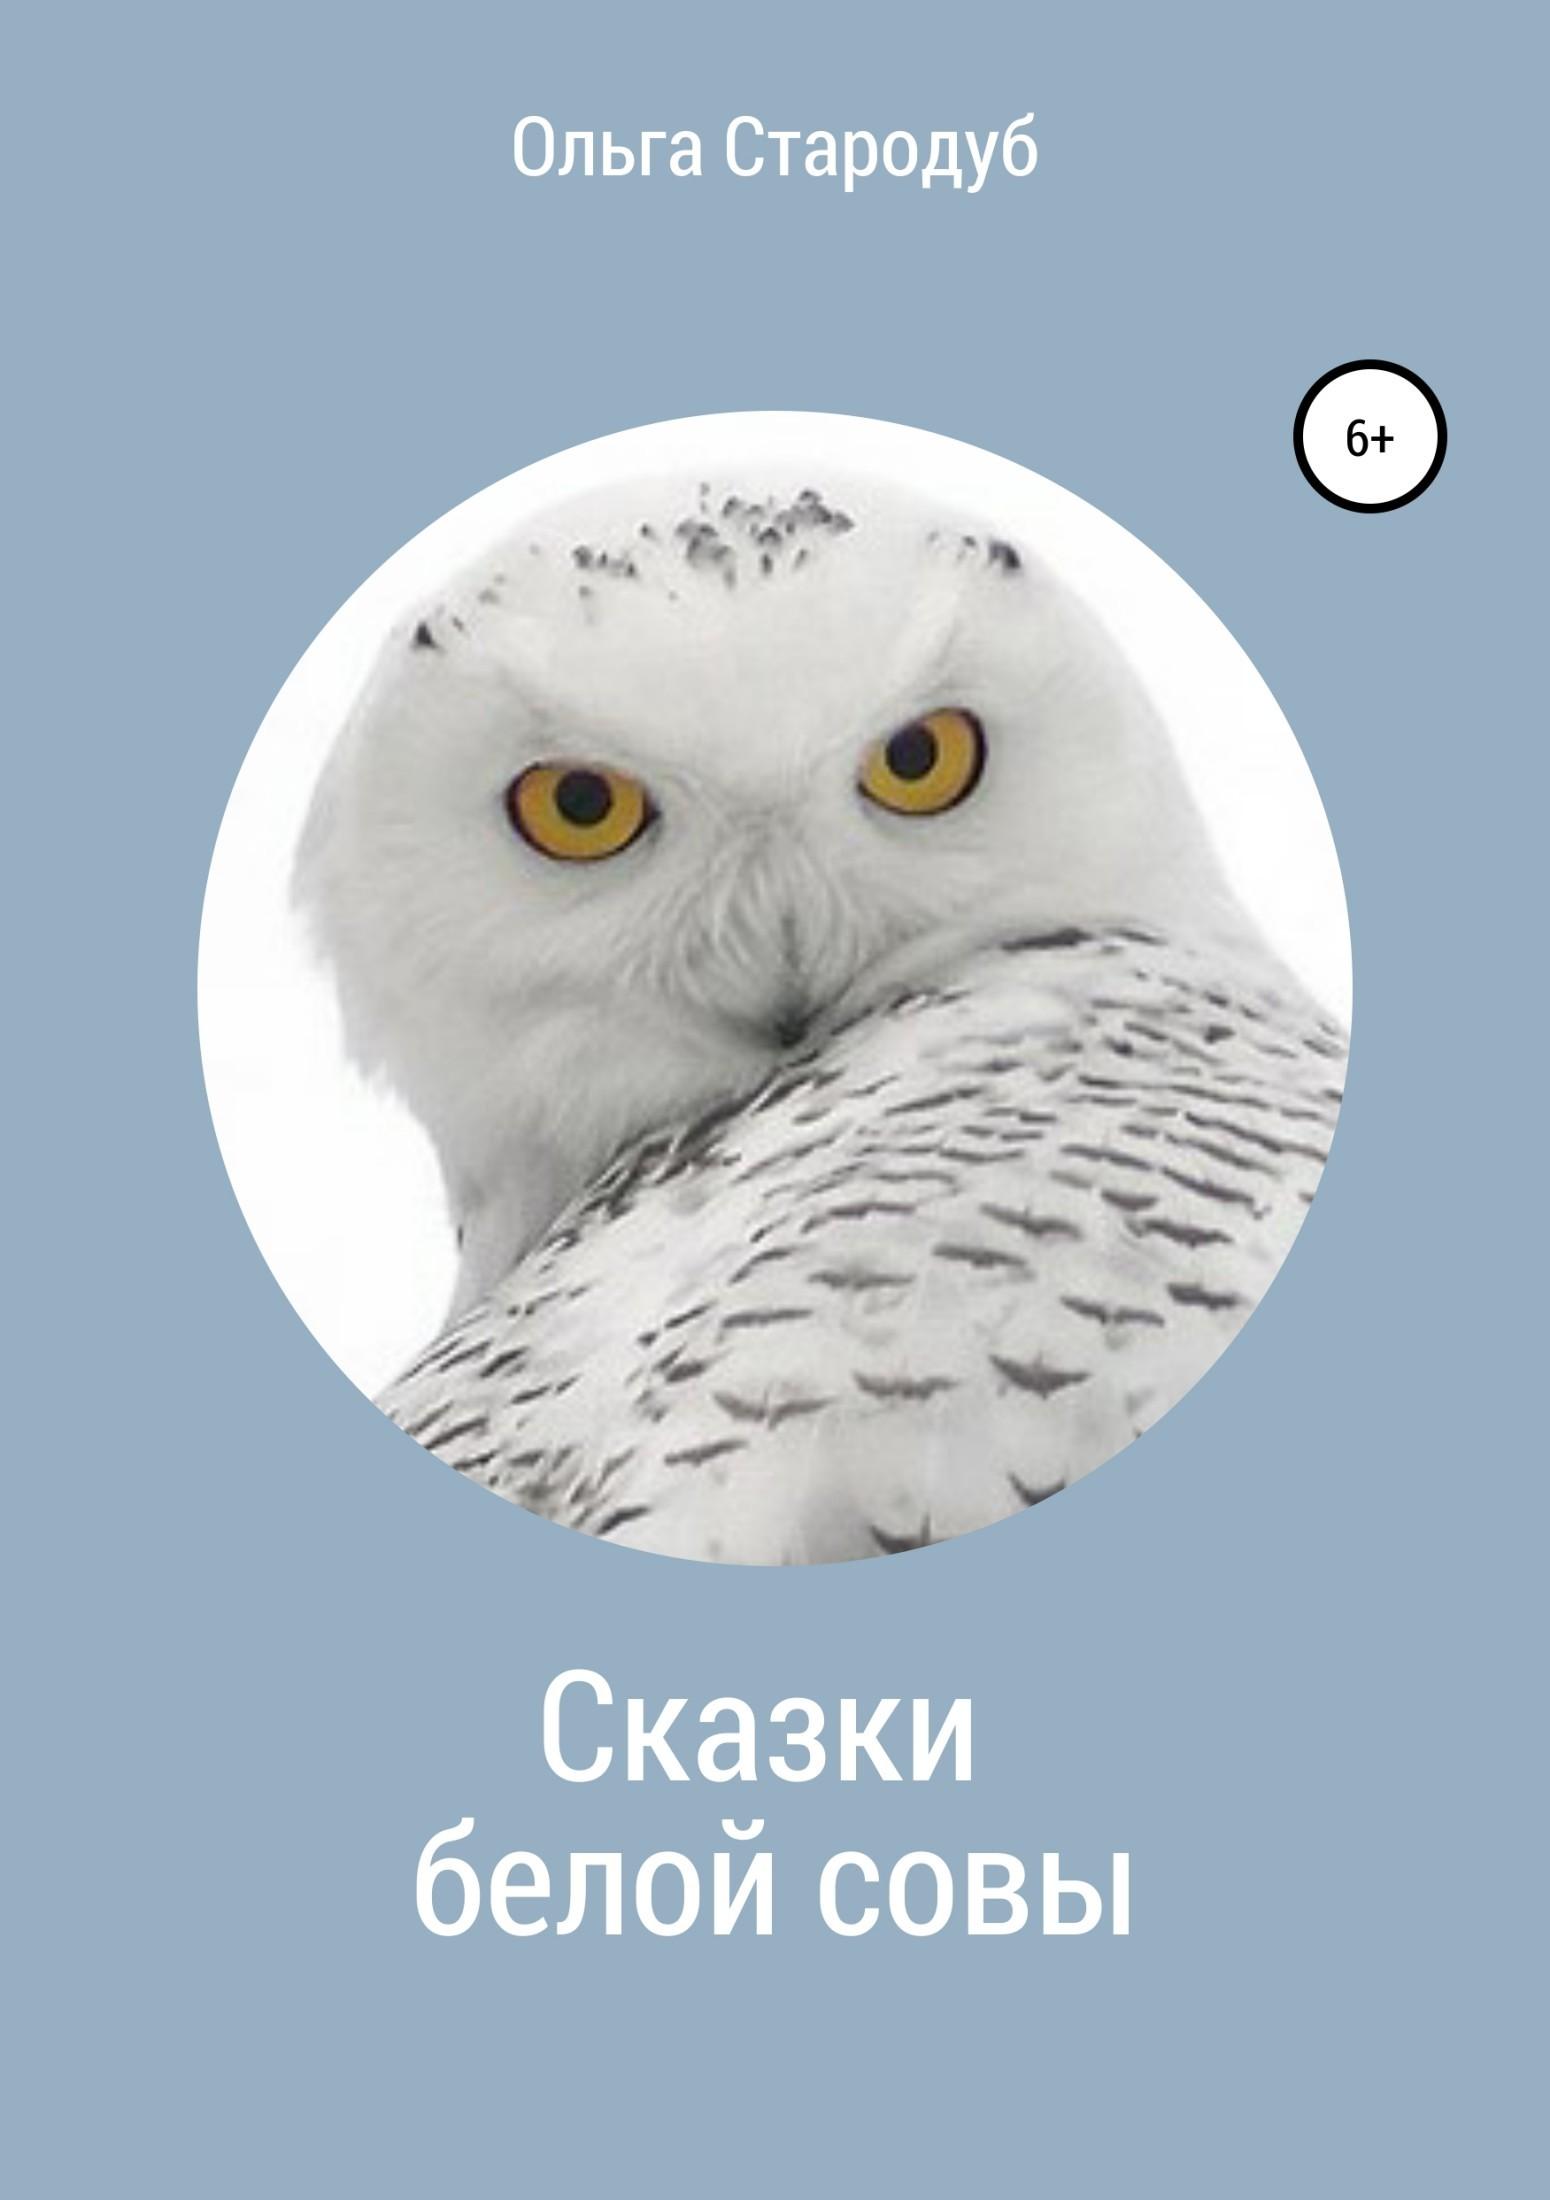 Сказки белой совы